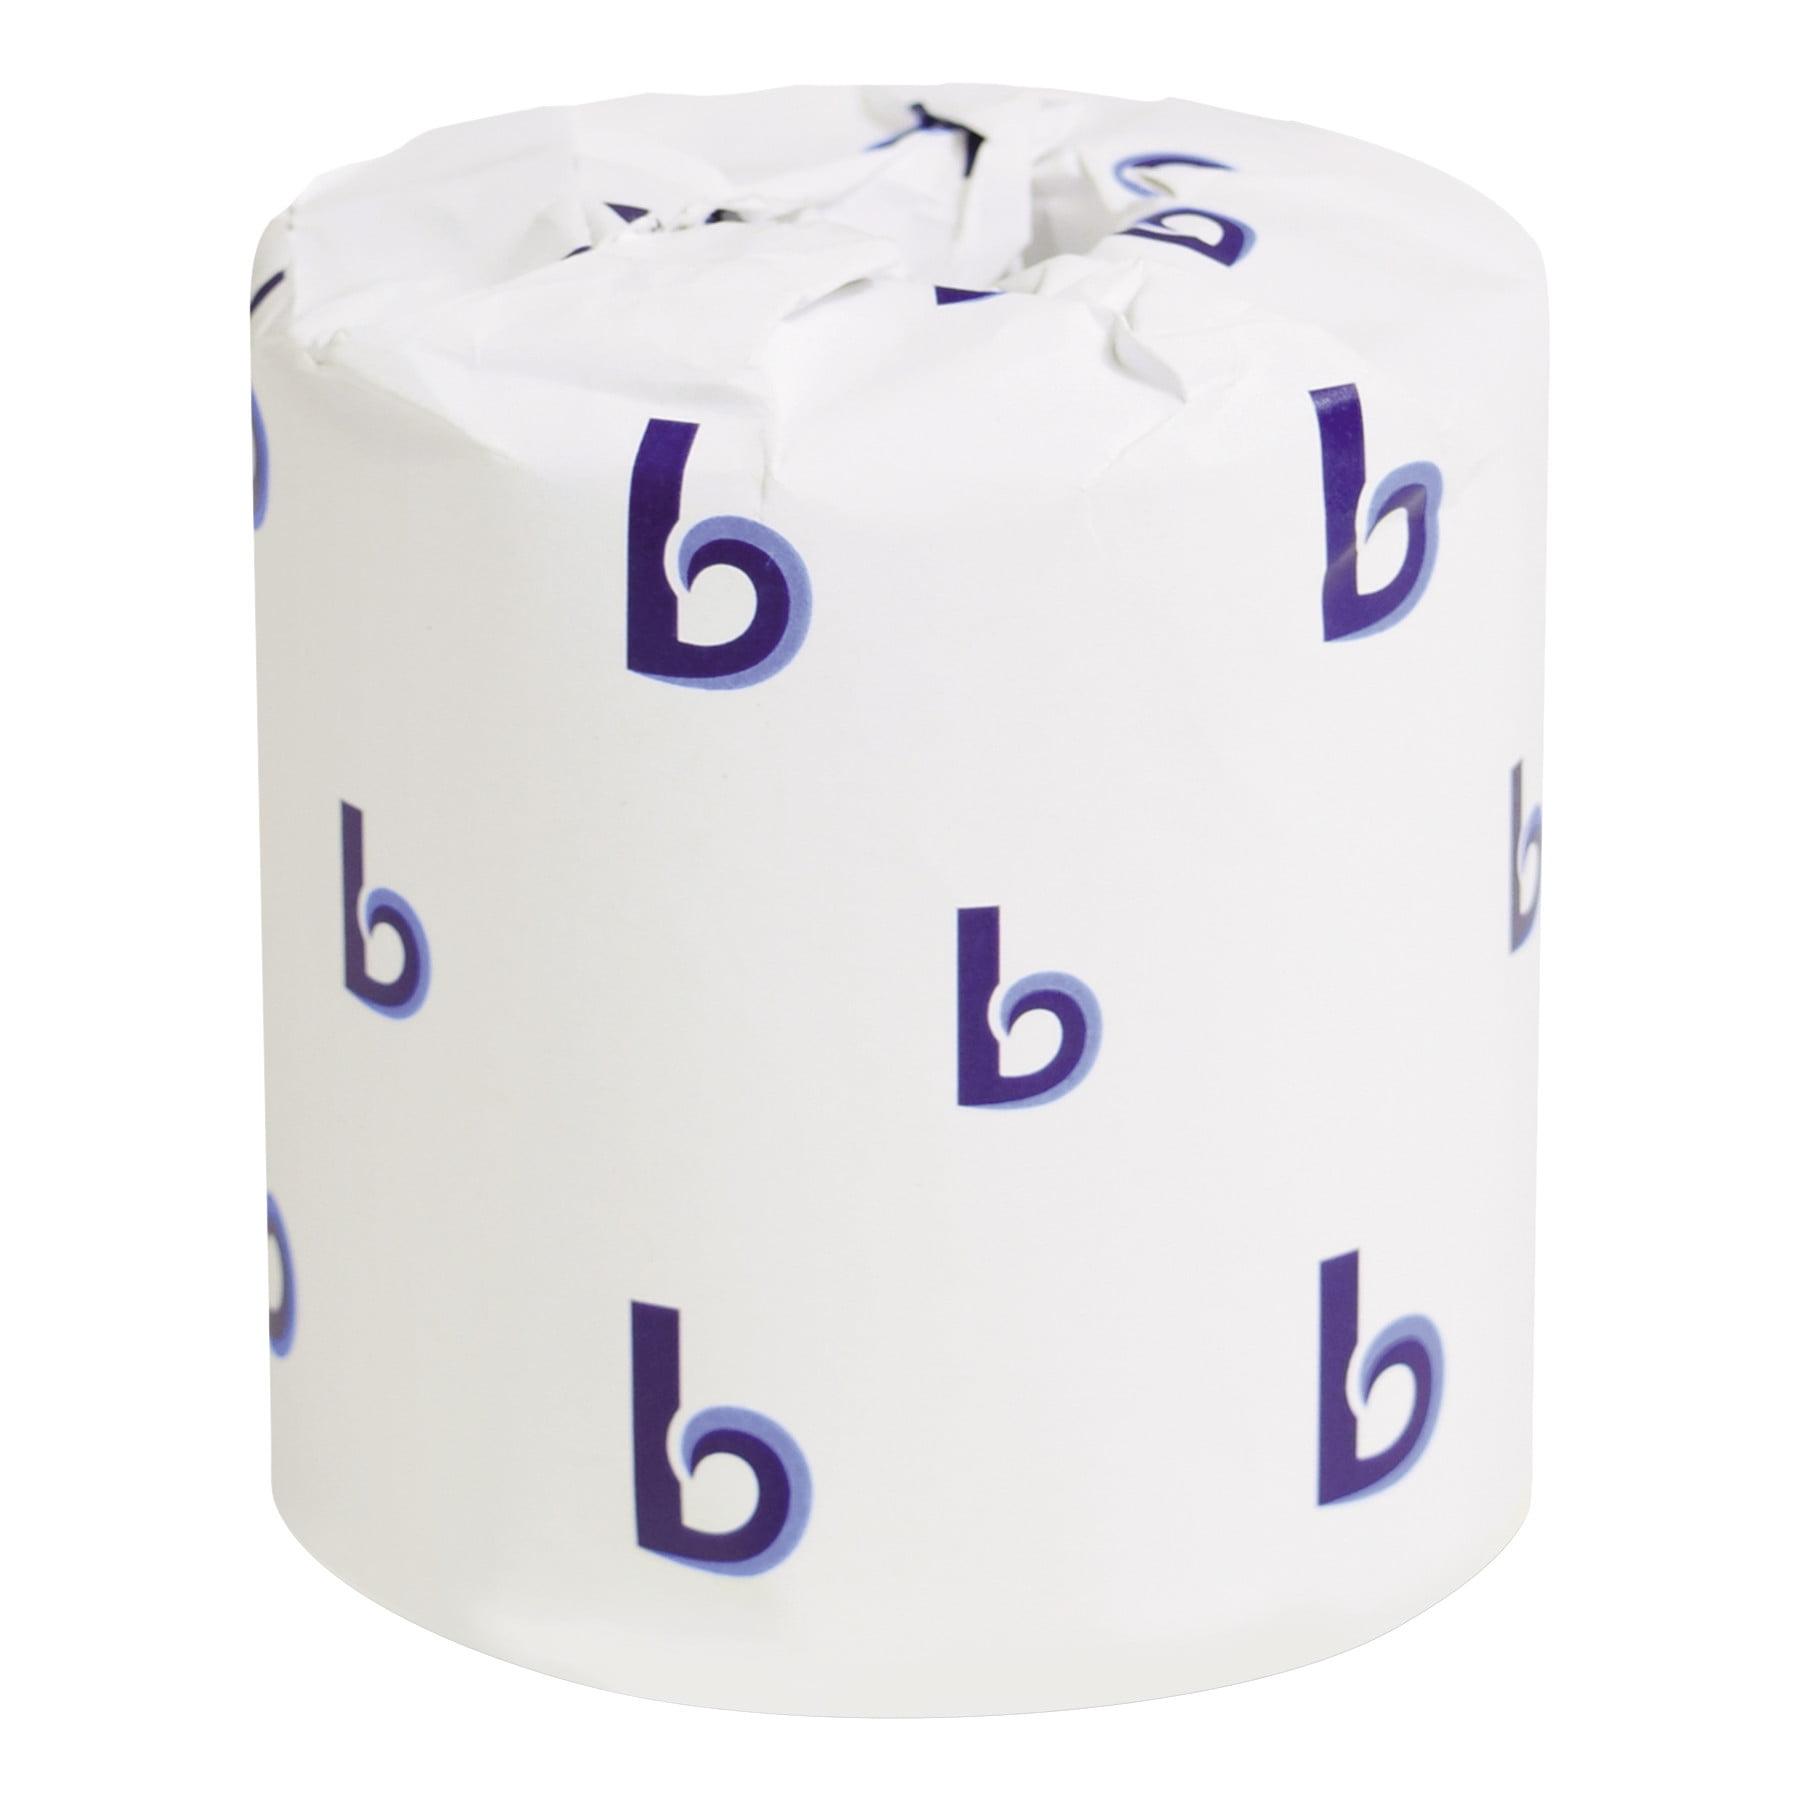 Boardwalk BWK6180 Two-Ply Toilet Tissue, White, 4 1/2 X 3 Sheet, 500 Sheets/roll, 96 Rolls/carton